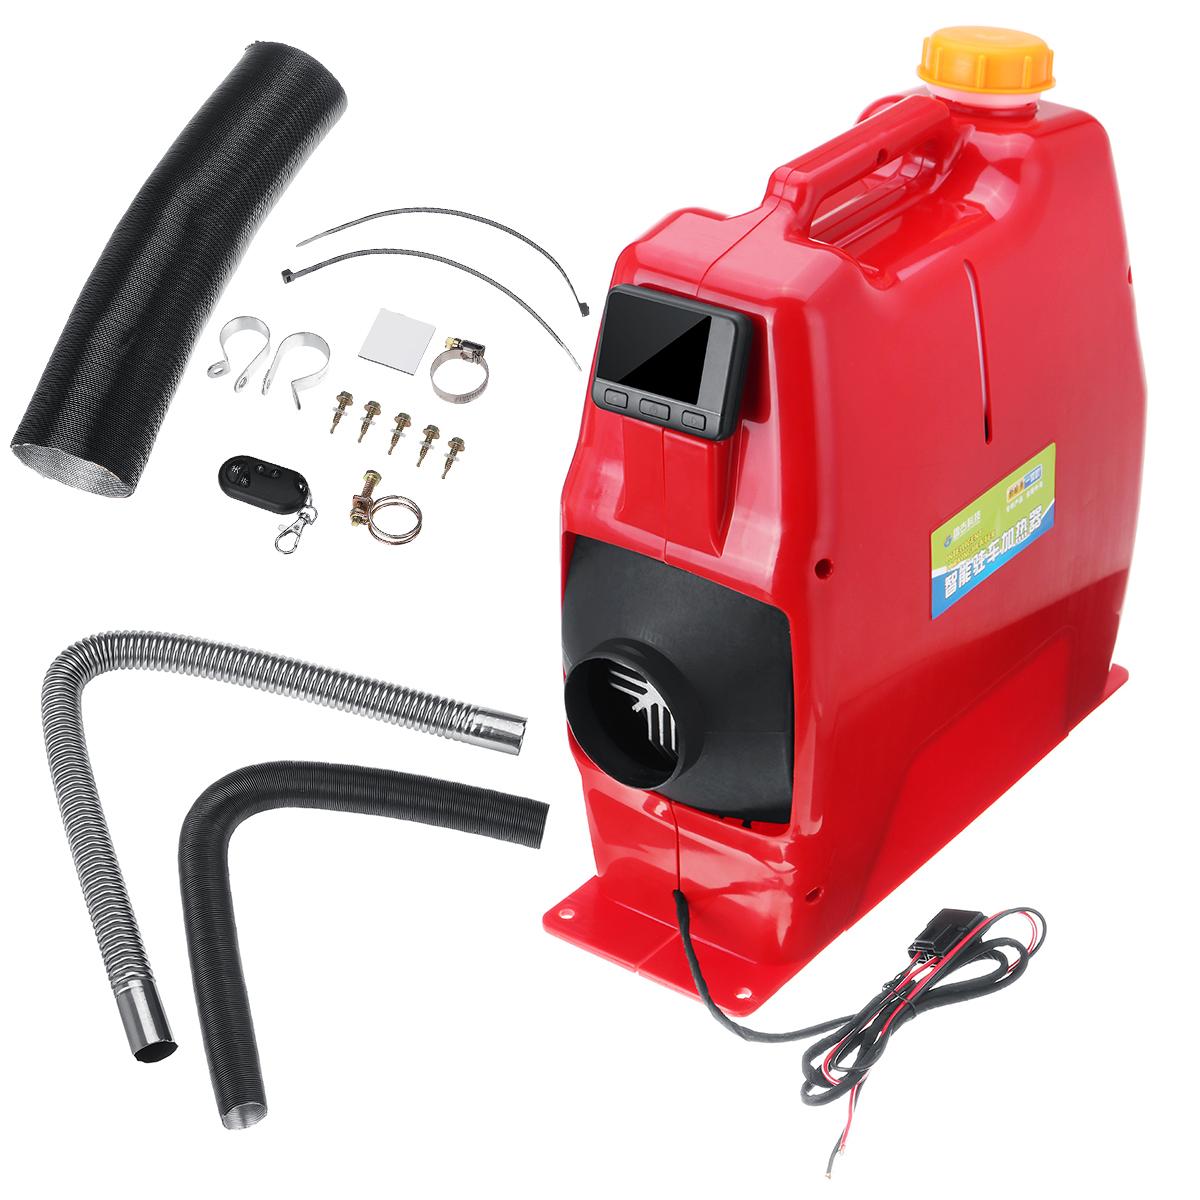 Все в One Unit 8KW 12 / 24V Авто Отопление Инструмент Diesel Air Нагреватель Одно отверстие LCD Монитор Парковочный обогреватель для Авто Грузовой автобу